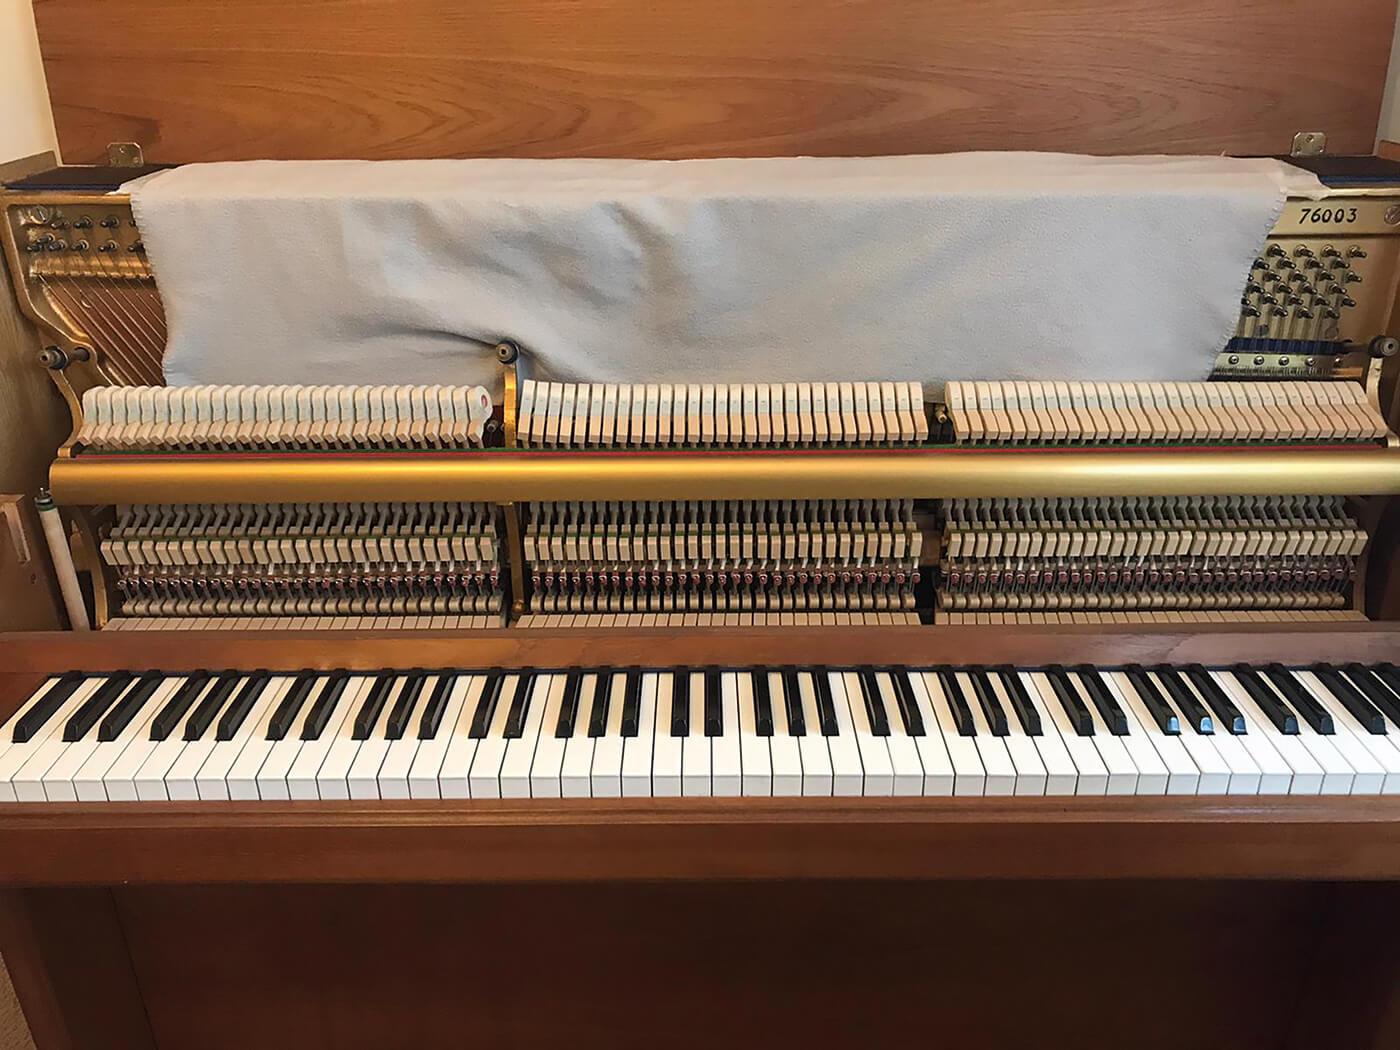 How to use felt pianos - Tutorial Step 2